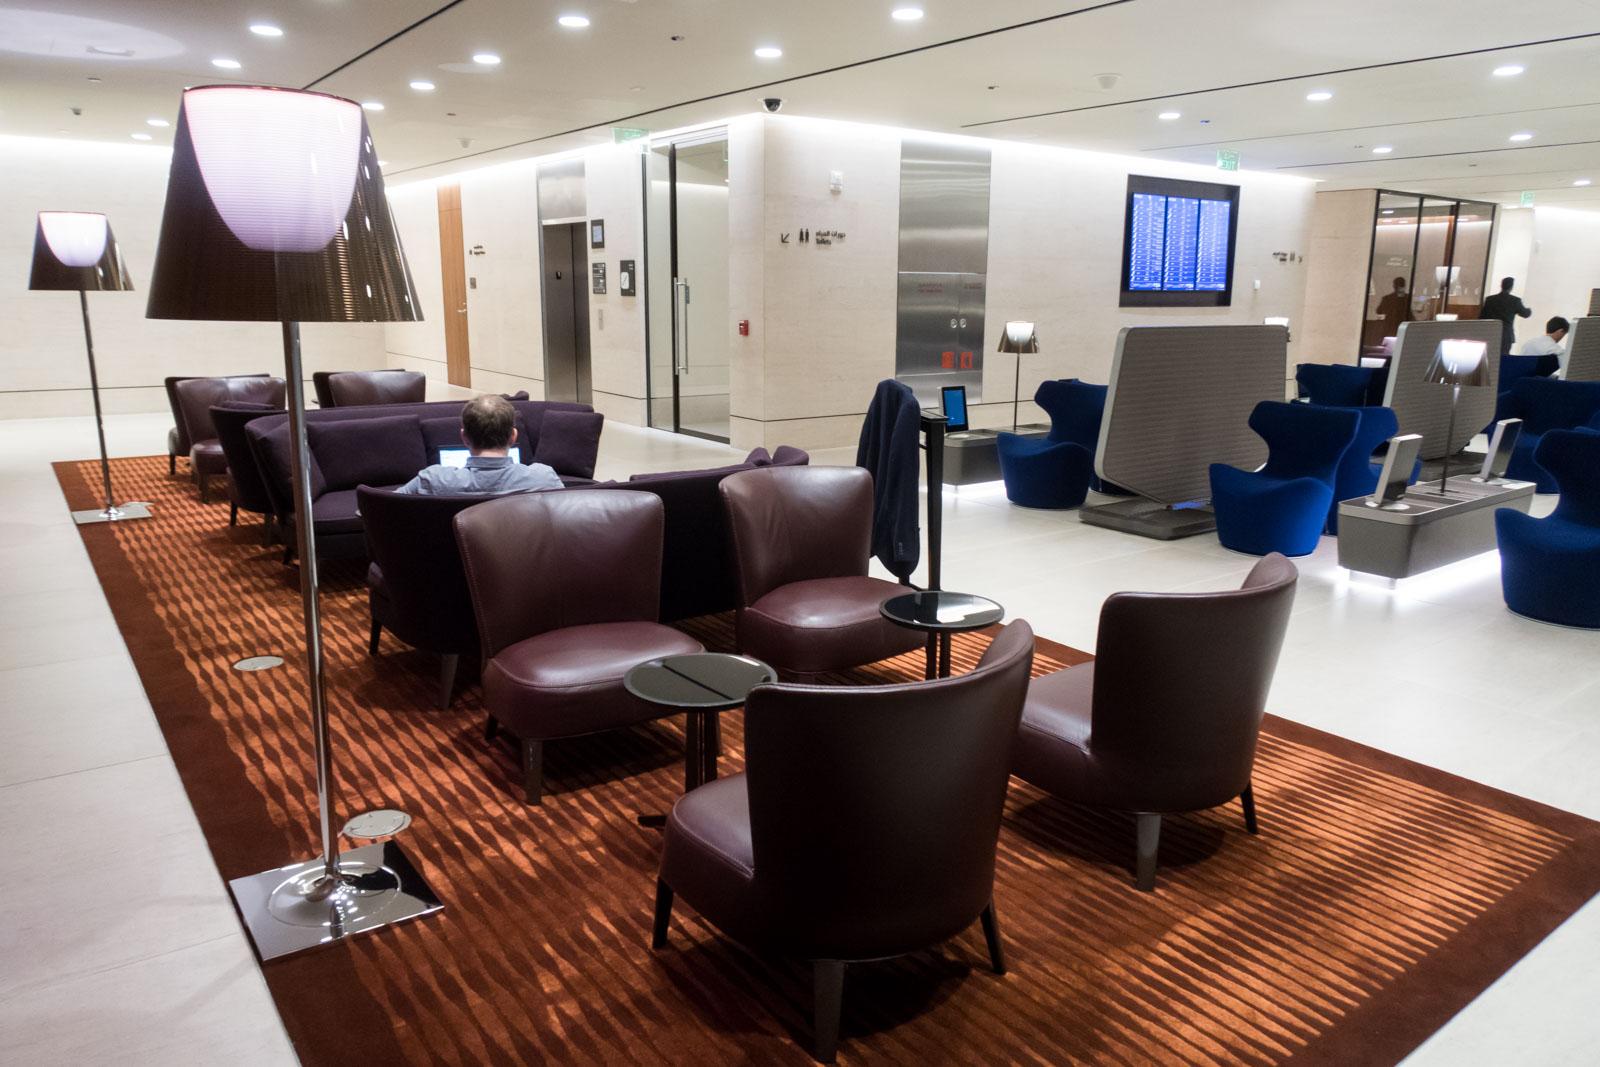 Qatar Airways Arrivals Lounge Seating